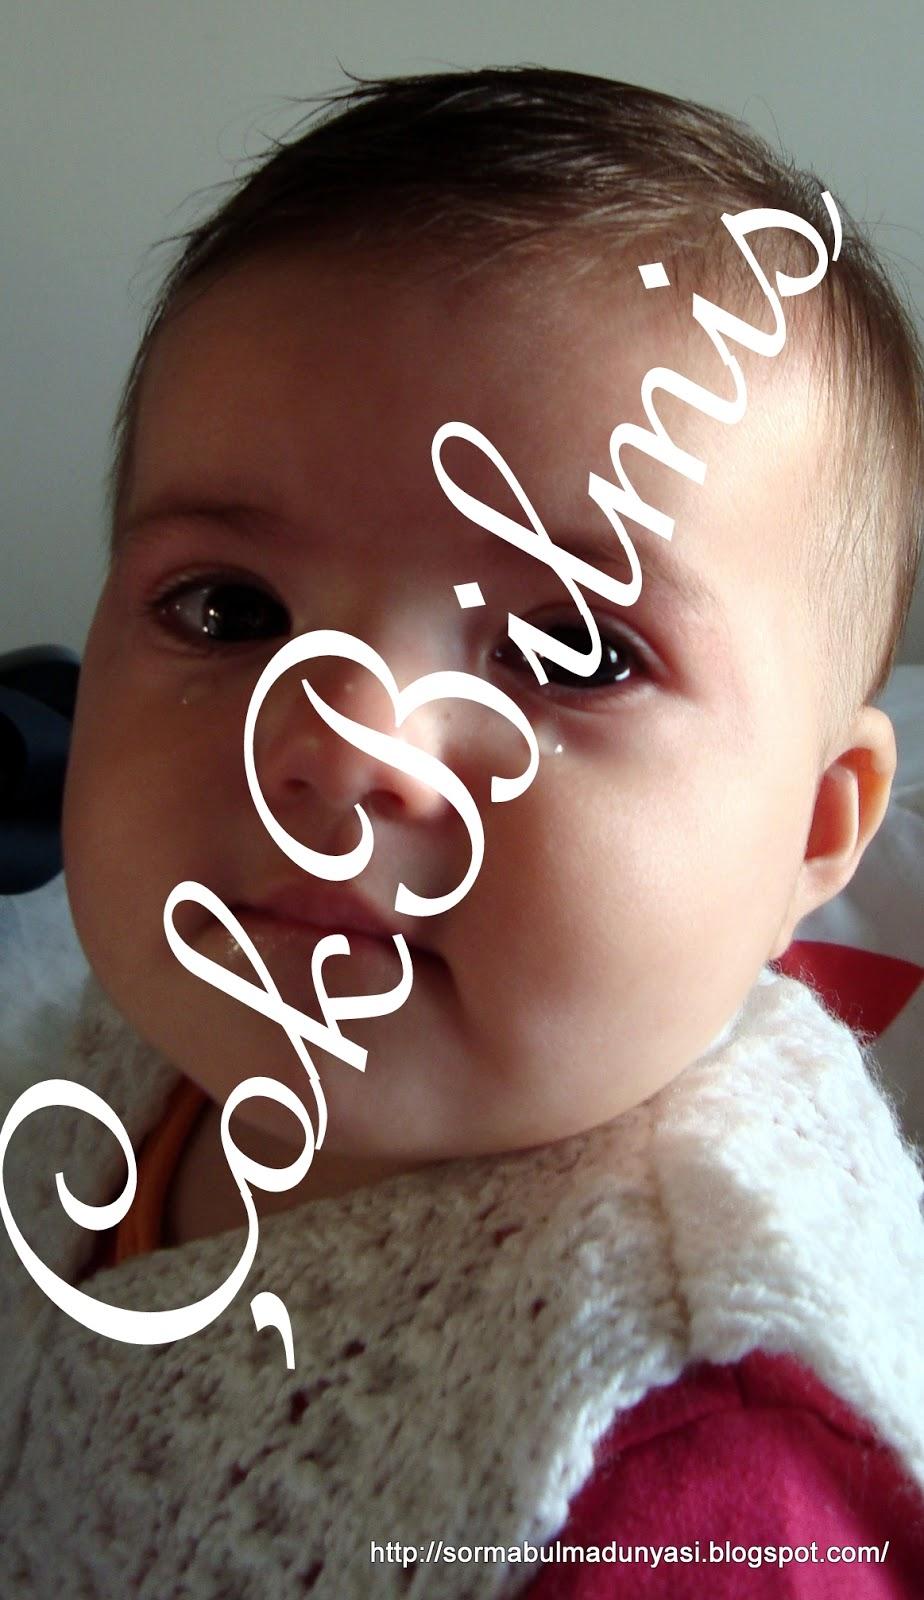 Bebeklerde Ve Yetişkinlerde Mandalina, Portakal, Limon Alerjisi